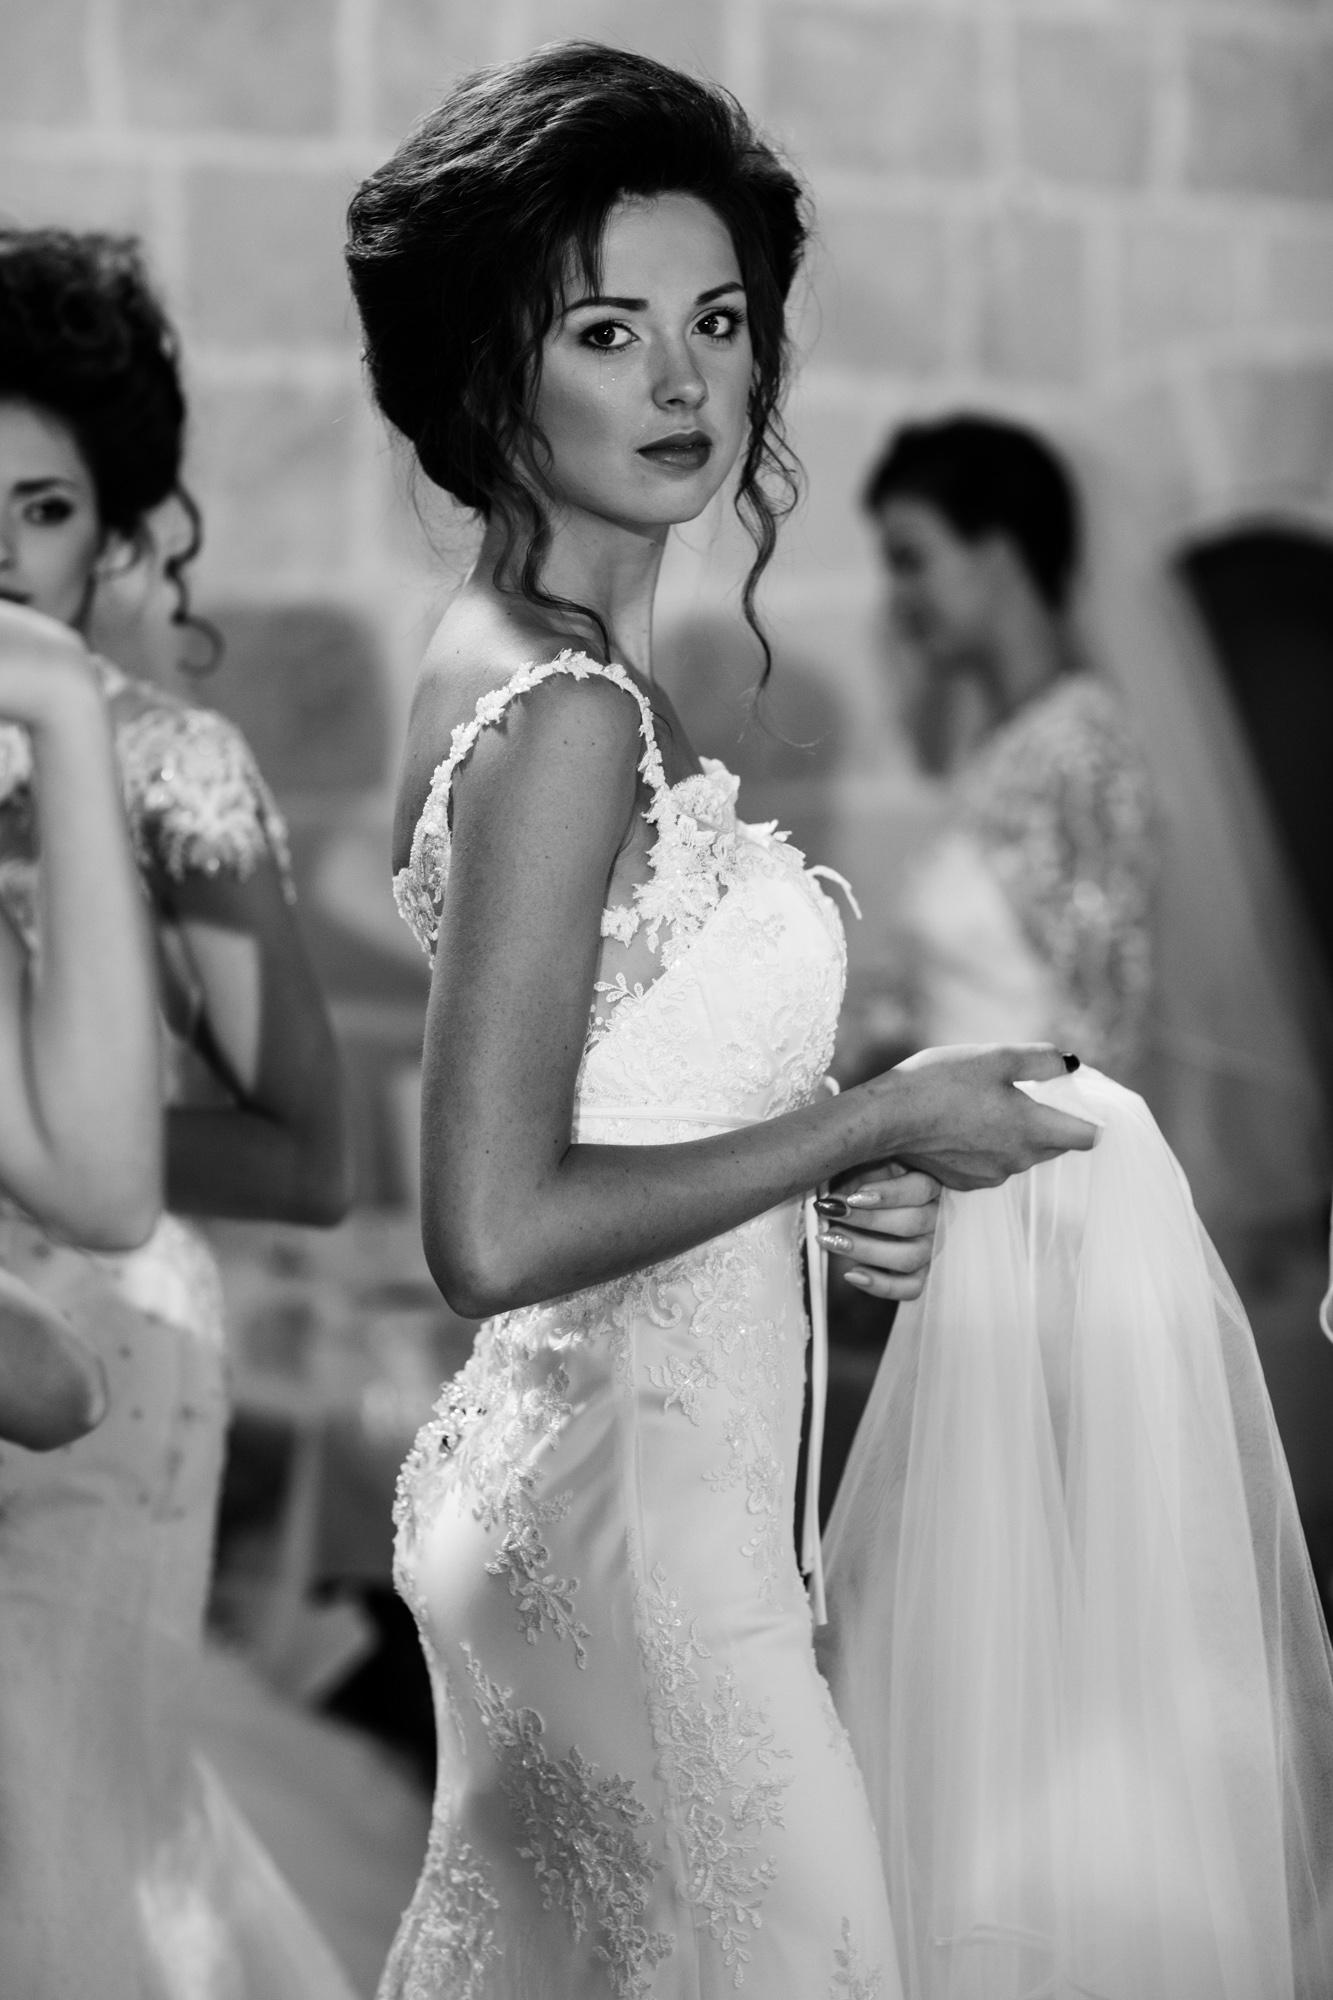 MFWA Bridal_94B2925-182.jpg